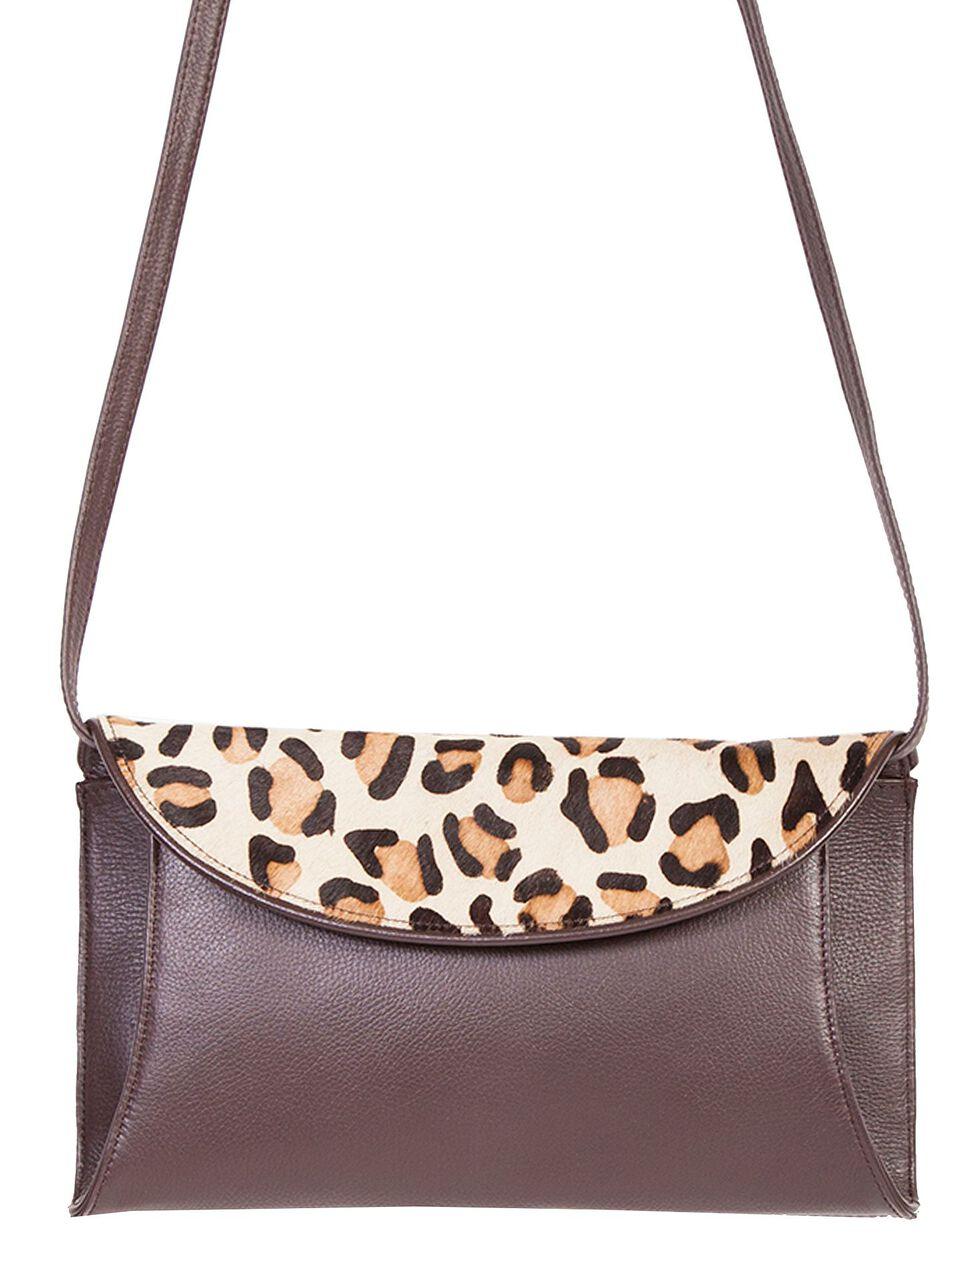 Scully Pebble Leather Shoulder Bag, Brown, hi-res